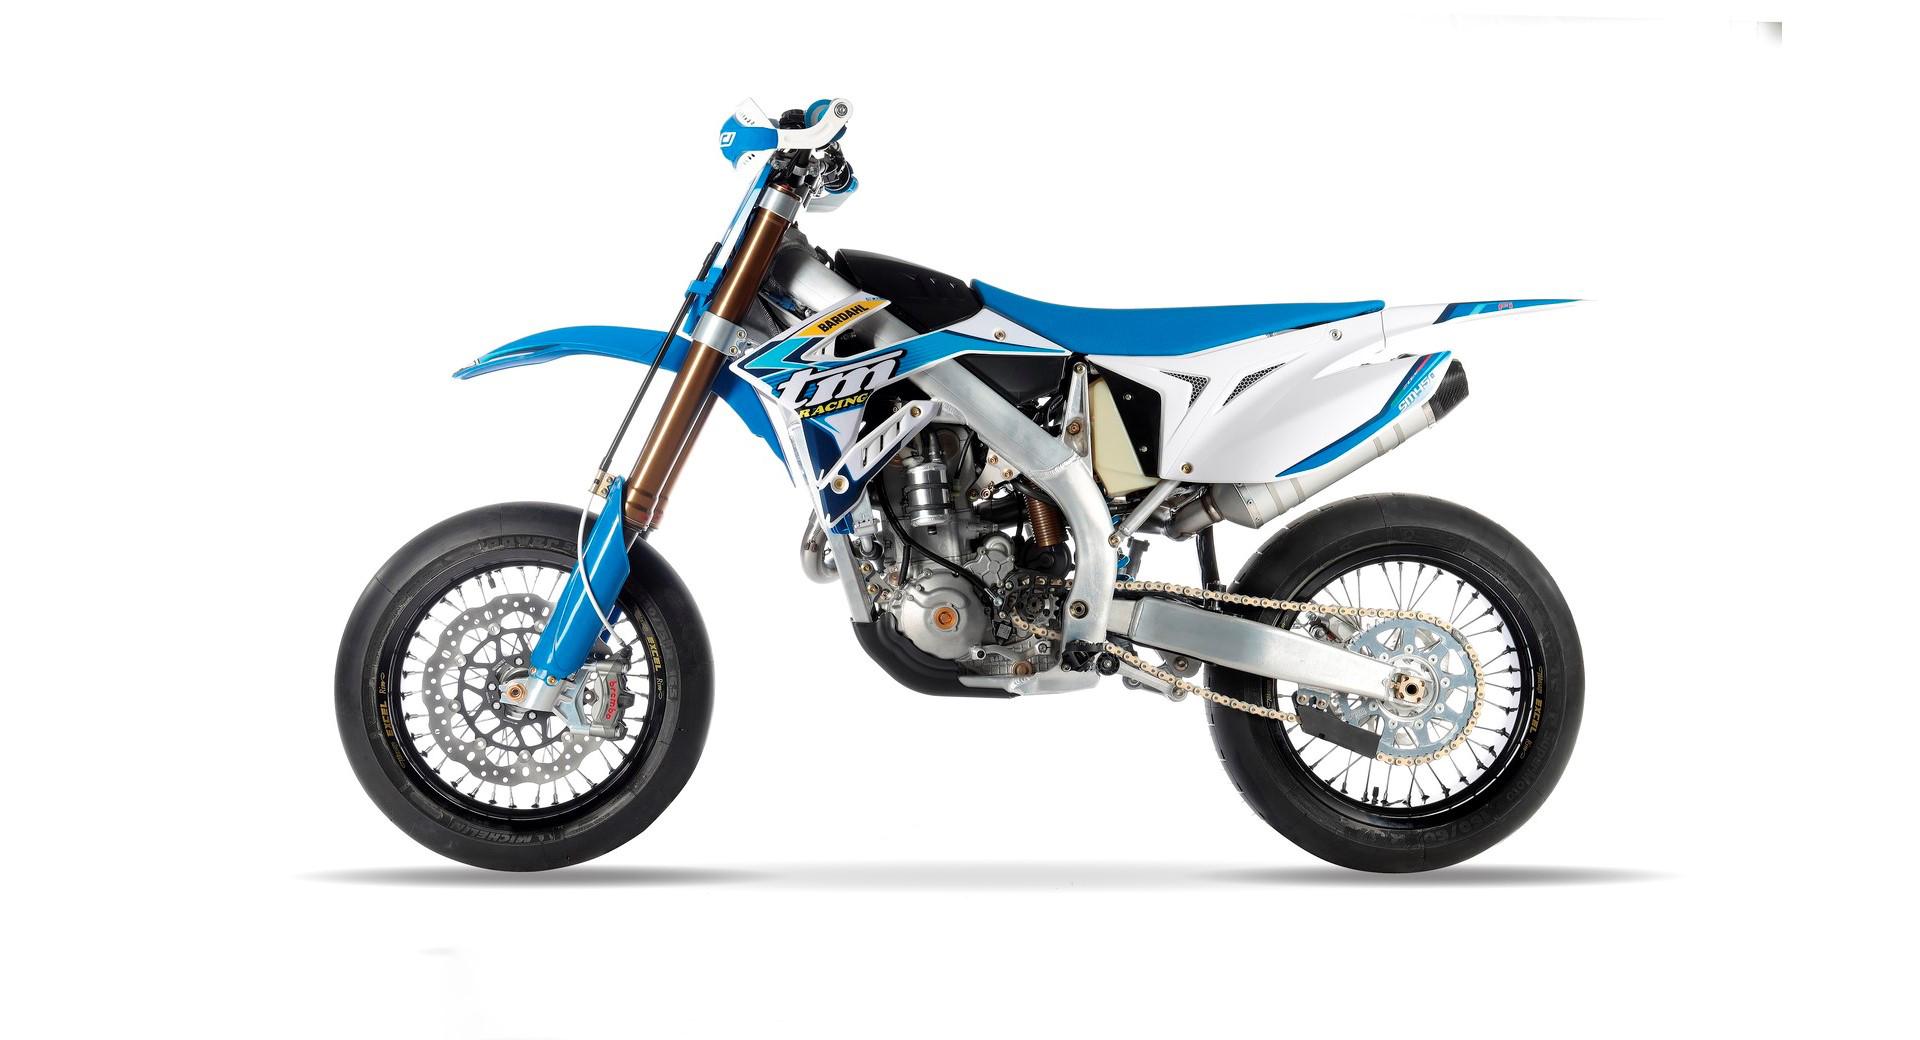 SMX 450 Fi 4T 03